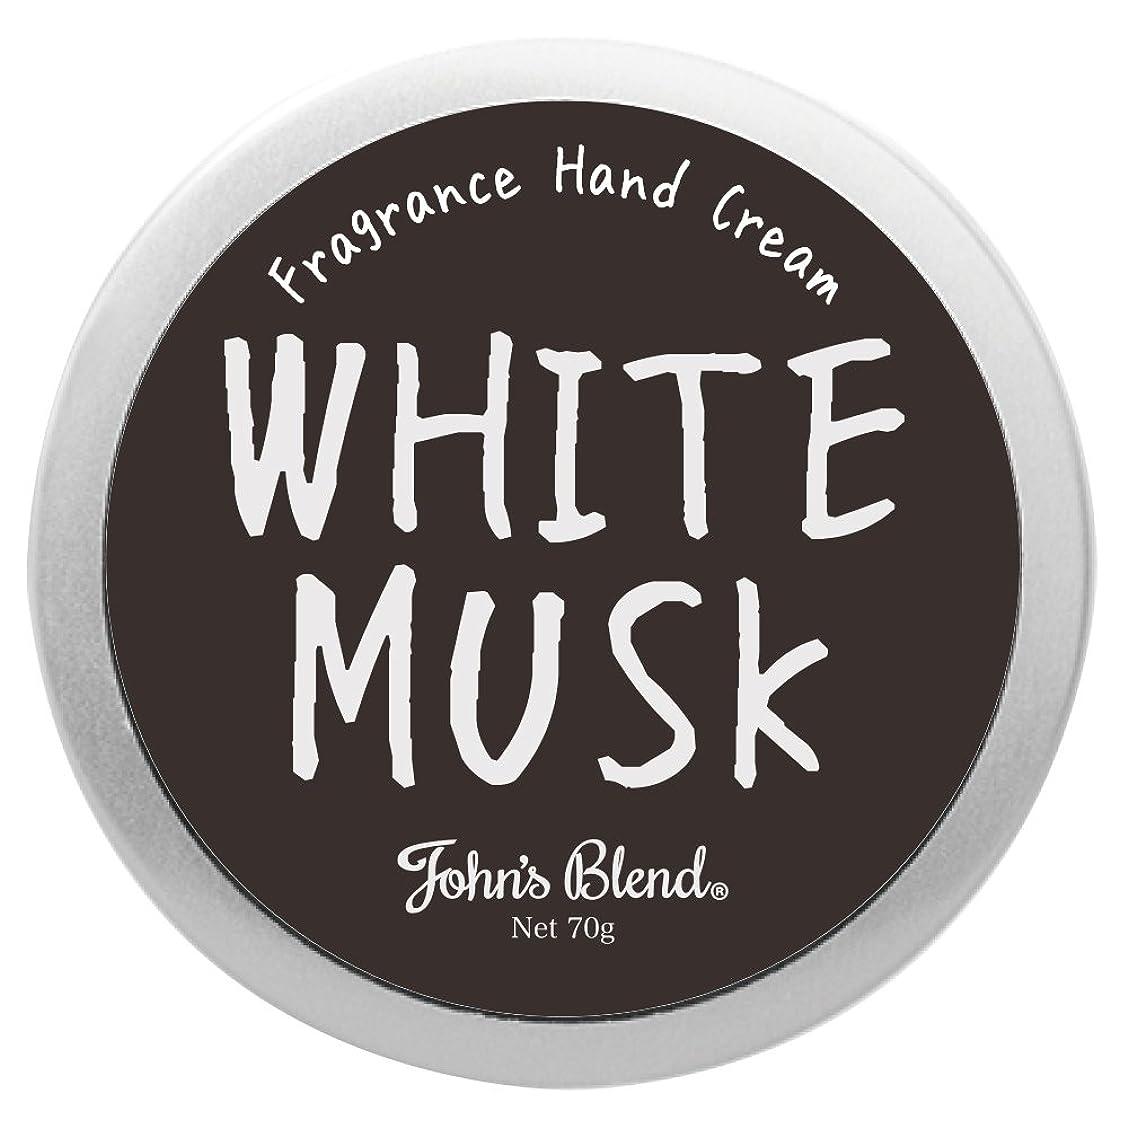 シェード糸重大Johns Blend ハンドクリーム 70g ホワイトムスク の香り OZ-JOD-1-1